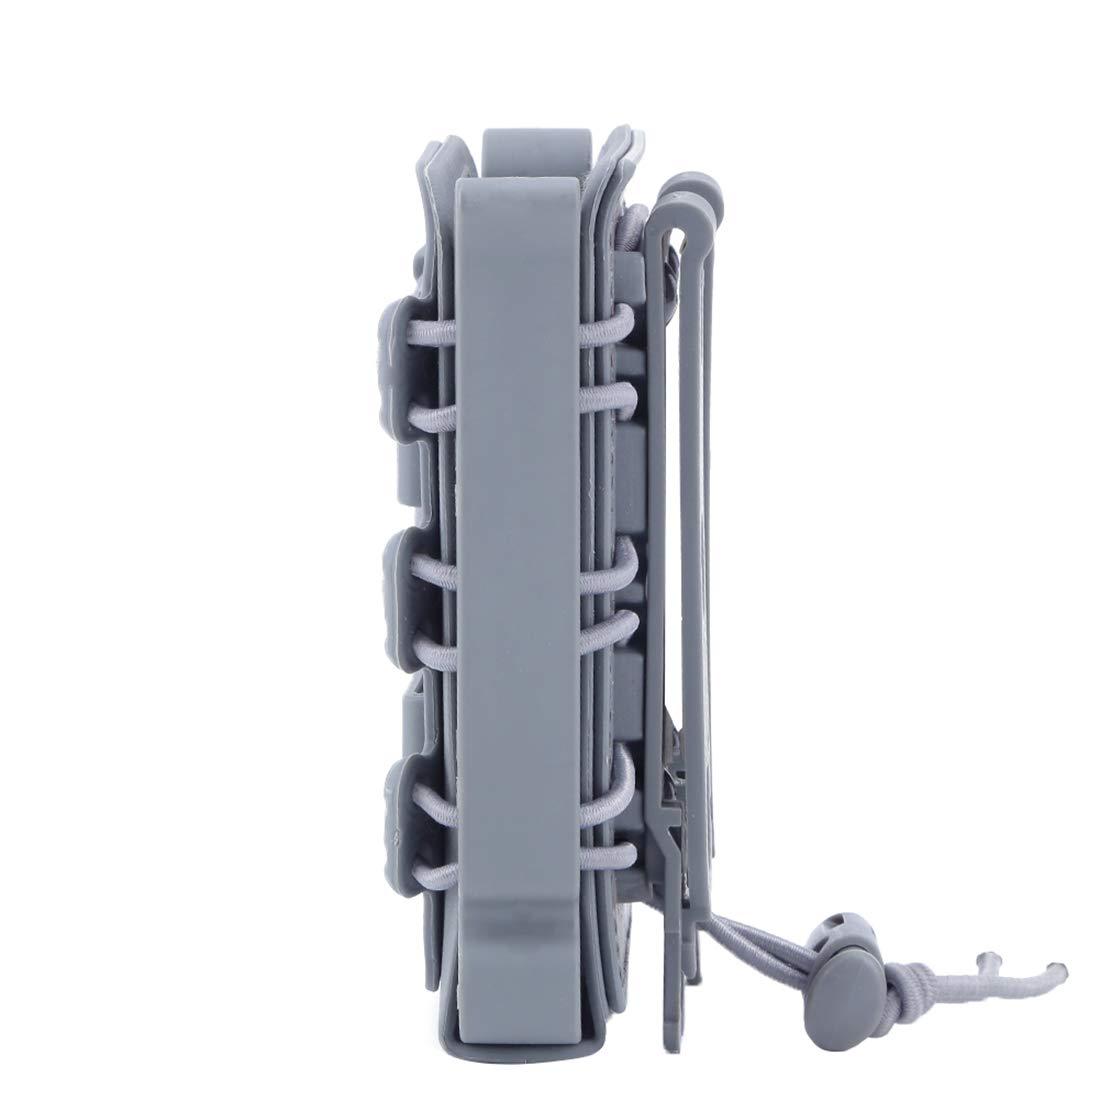 Noir GODNECE Porte Chargeur Molle Tactique 3 Pi/èces TPR Flexible Fastmag M4 5.56 7.62 Ar15 Mag Pouch M4 Mag Pouch Airsoft